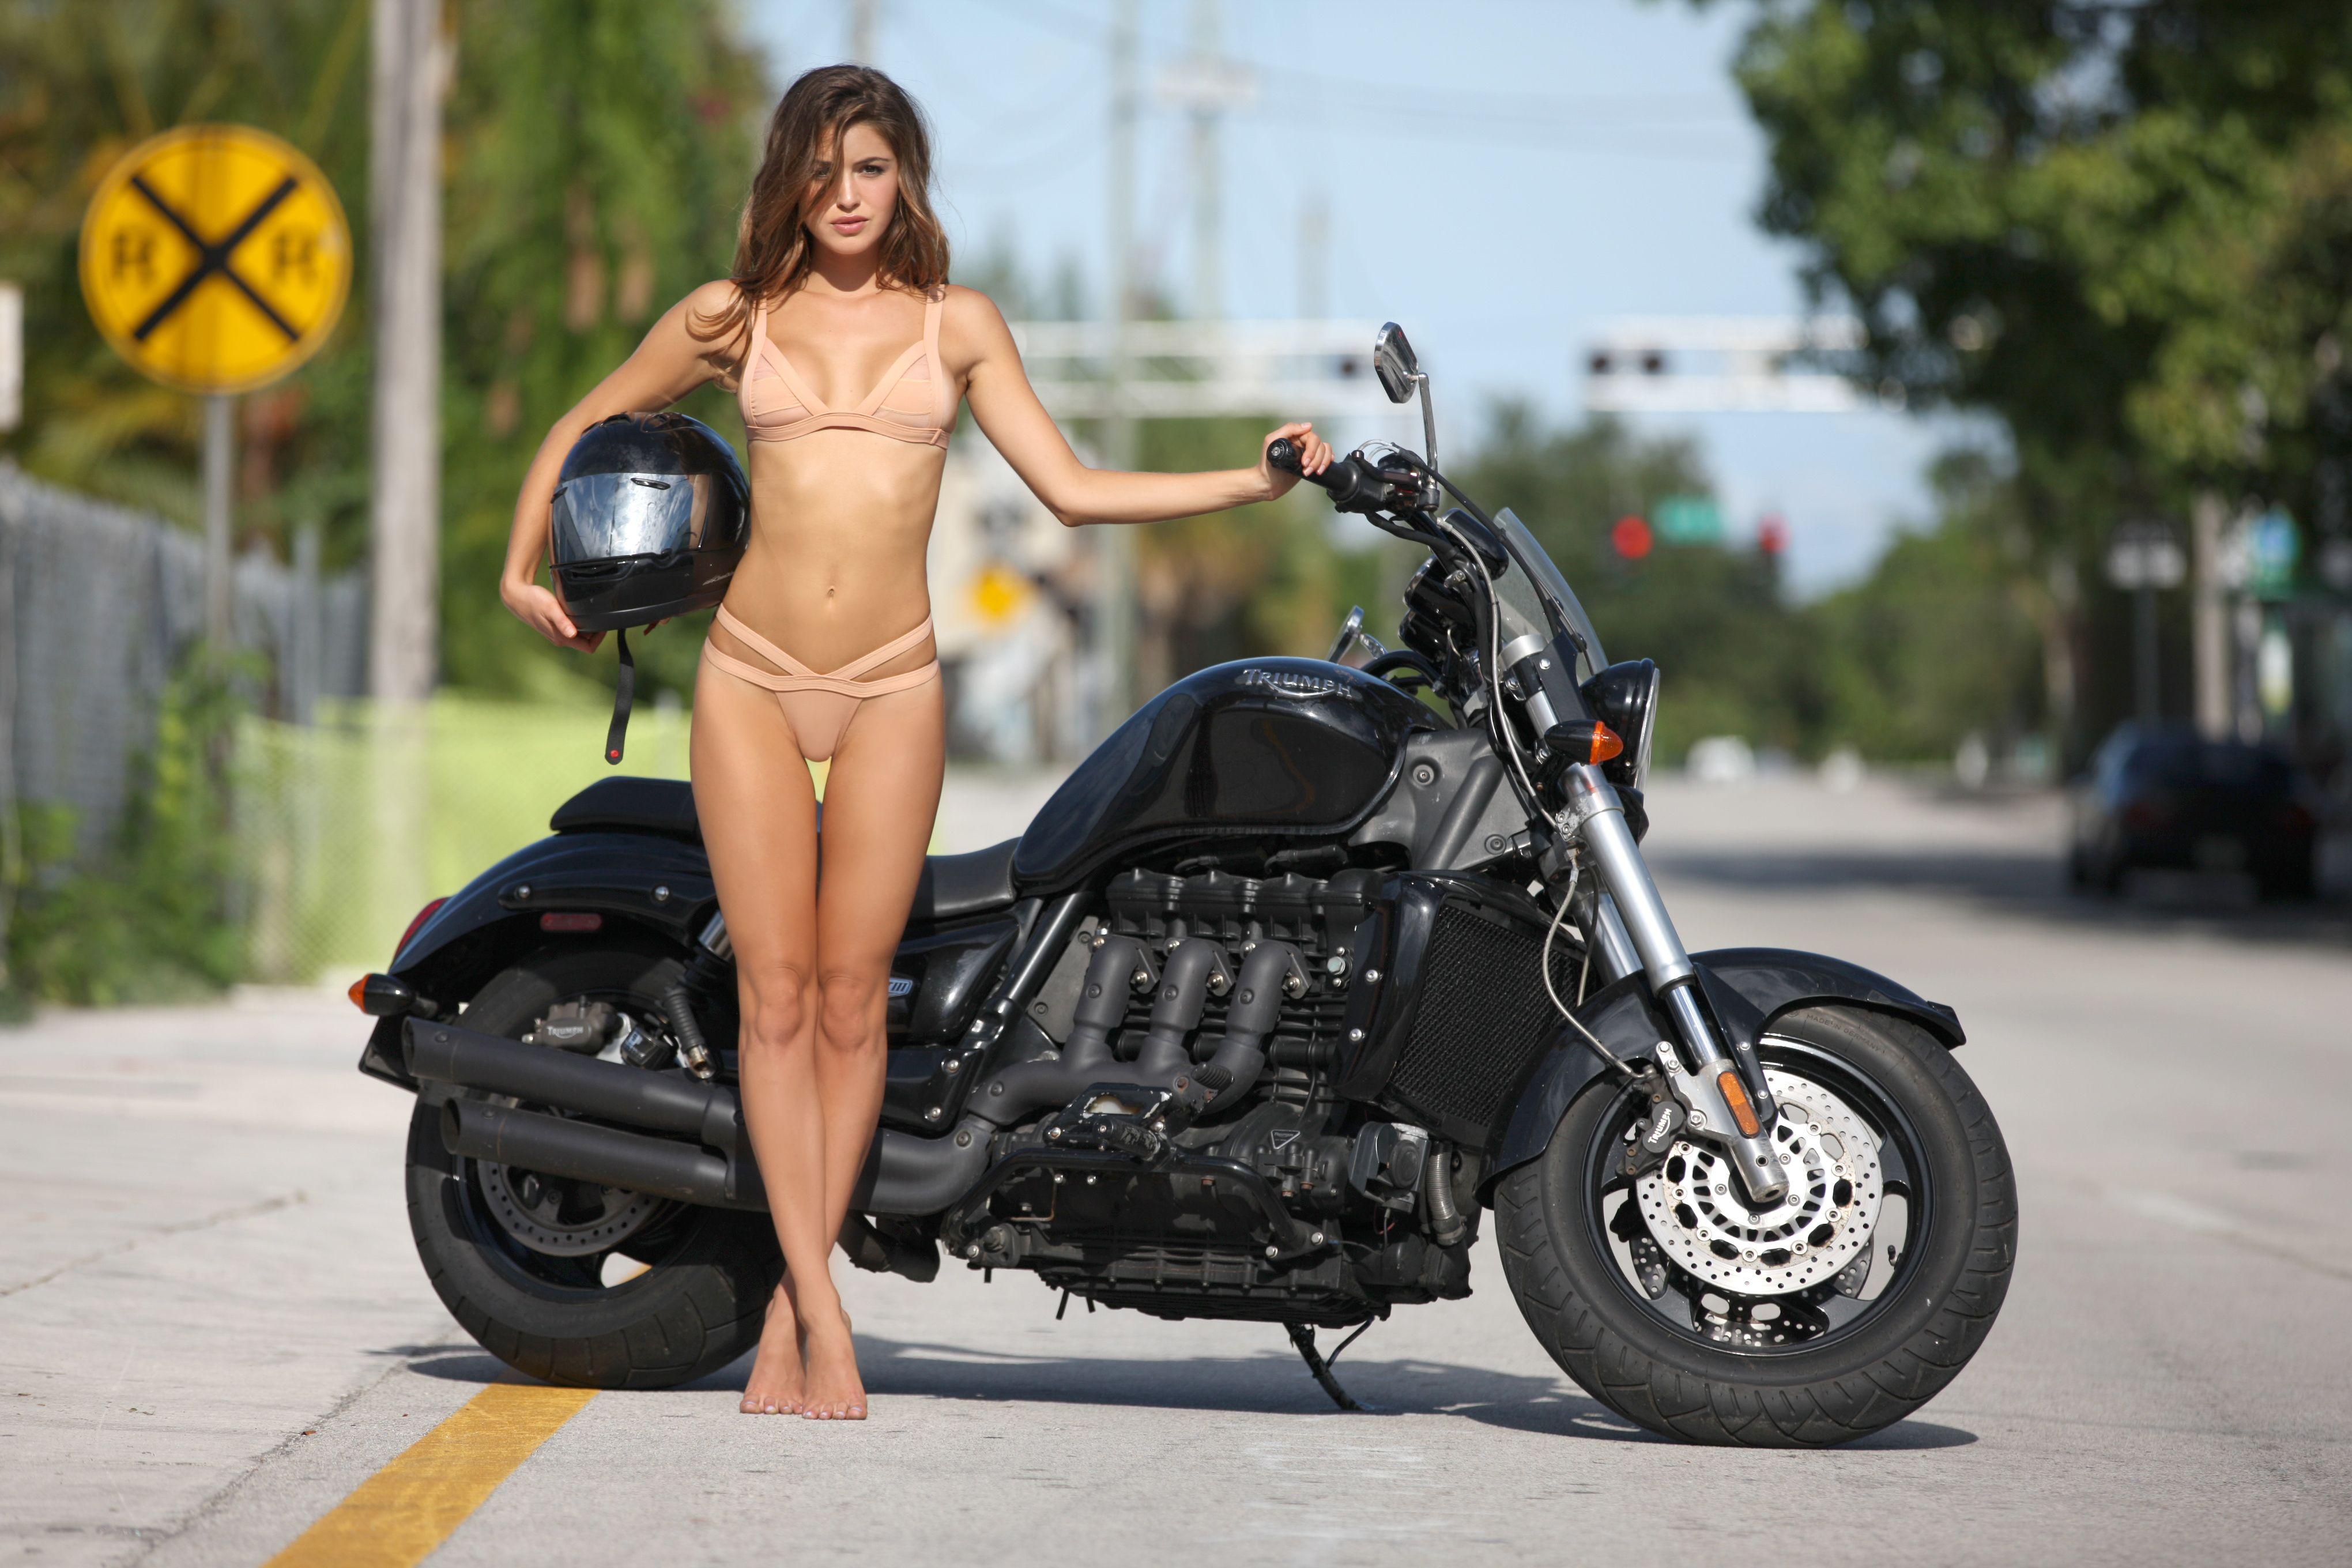 Naked women on bike